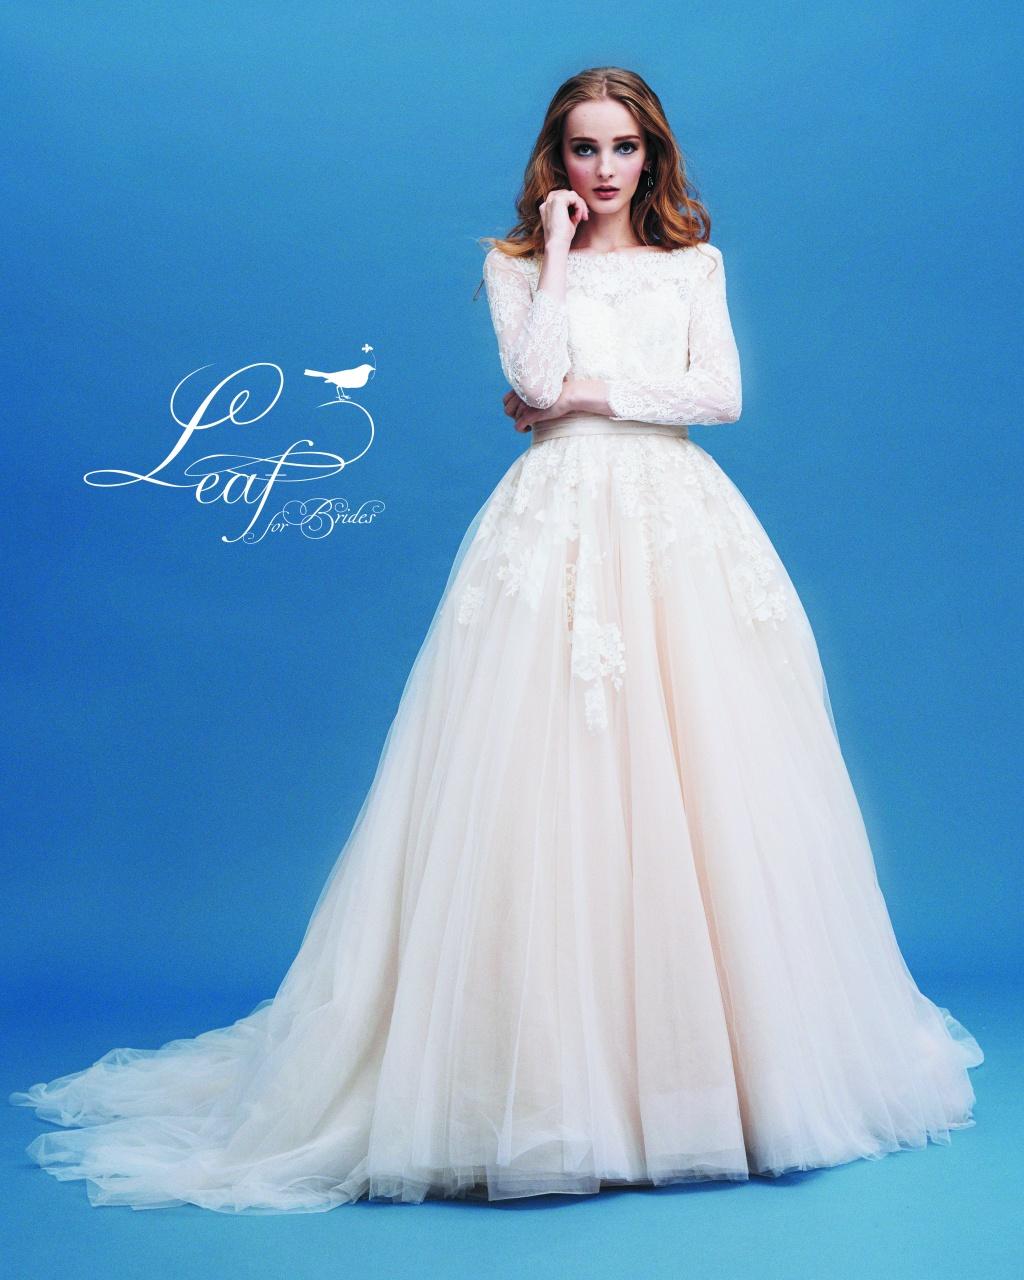 日本の花嫁をもっと素敵に、もっと美しく輝きを放ちますように ~leaf for Brides(リーフフォーブライズ)~